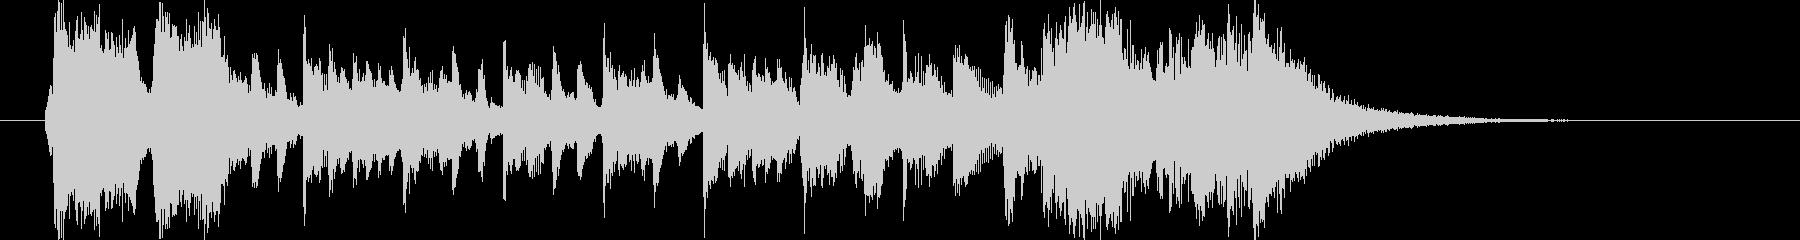 盛大でファンタジーなシンセピアノサウンドの未再生の波形